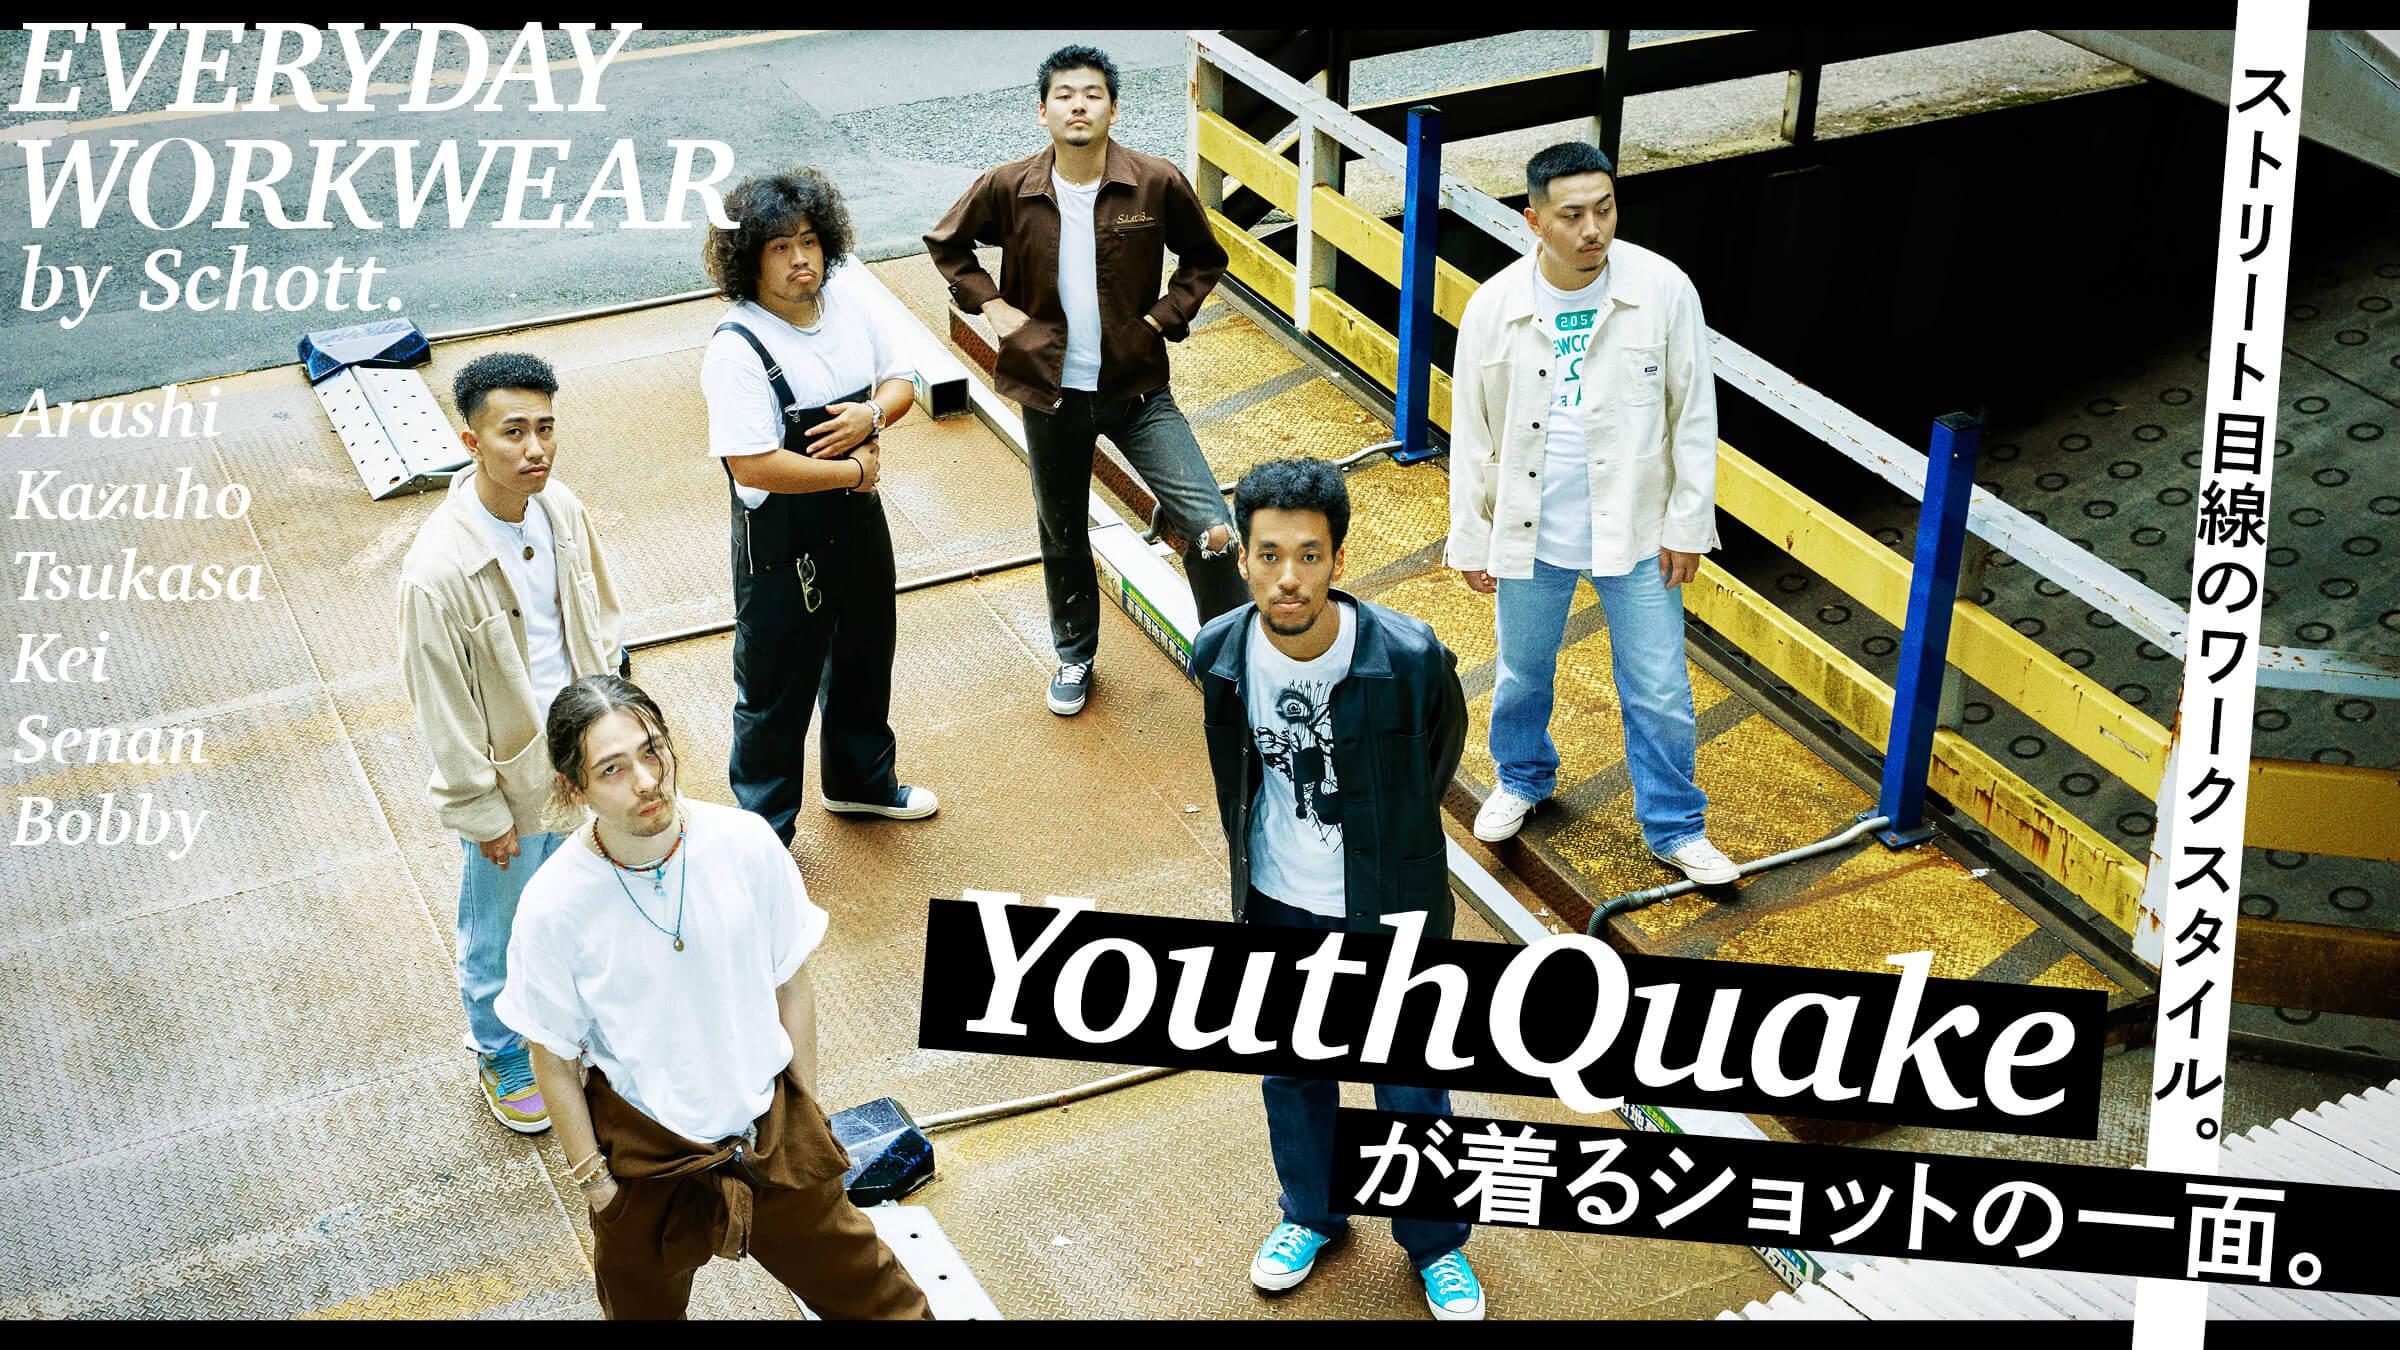 ストリート目線のワークスタイル。YouthQuakeが着るショットの一面。